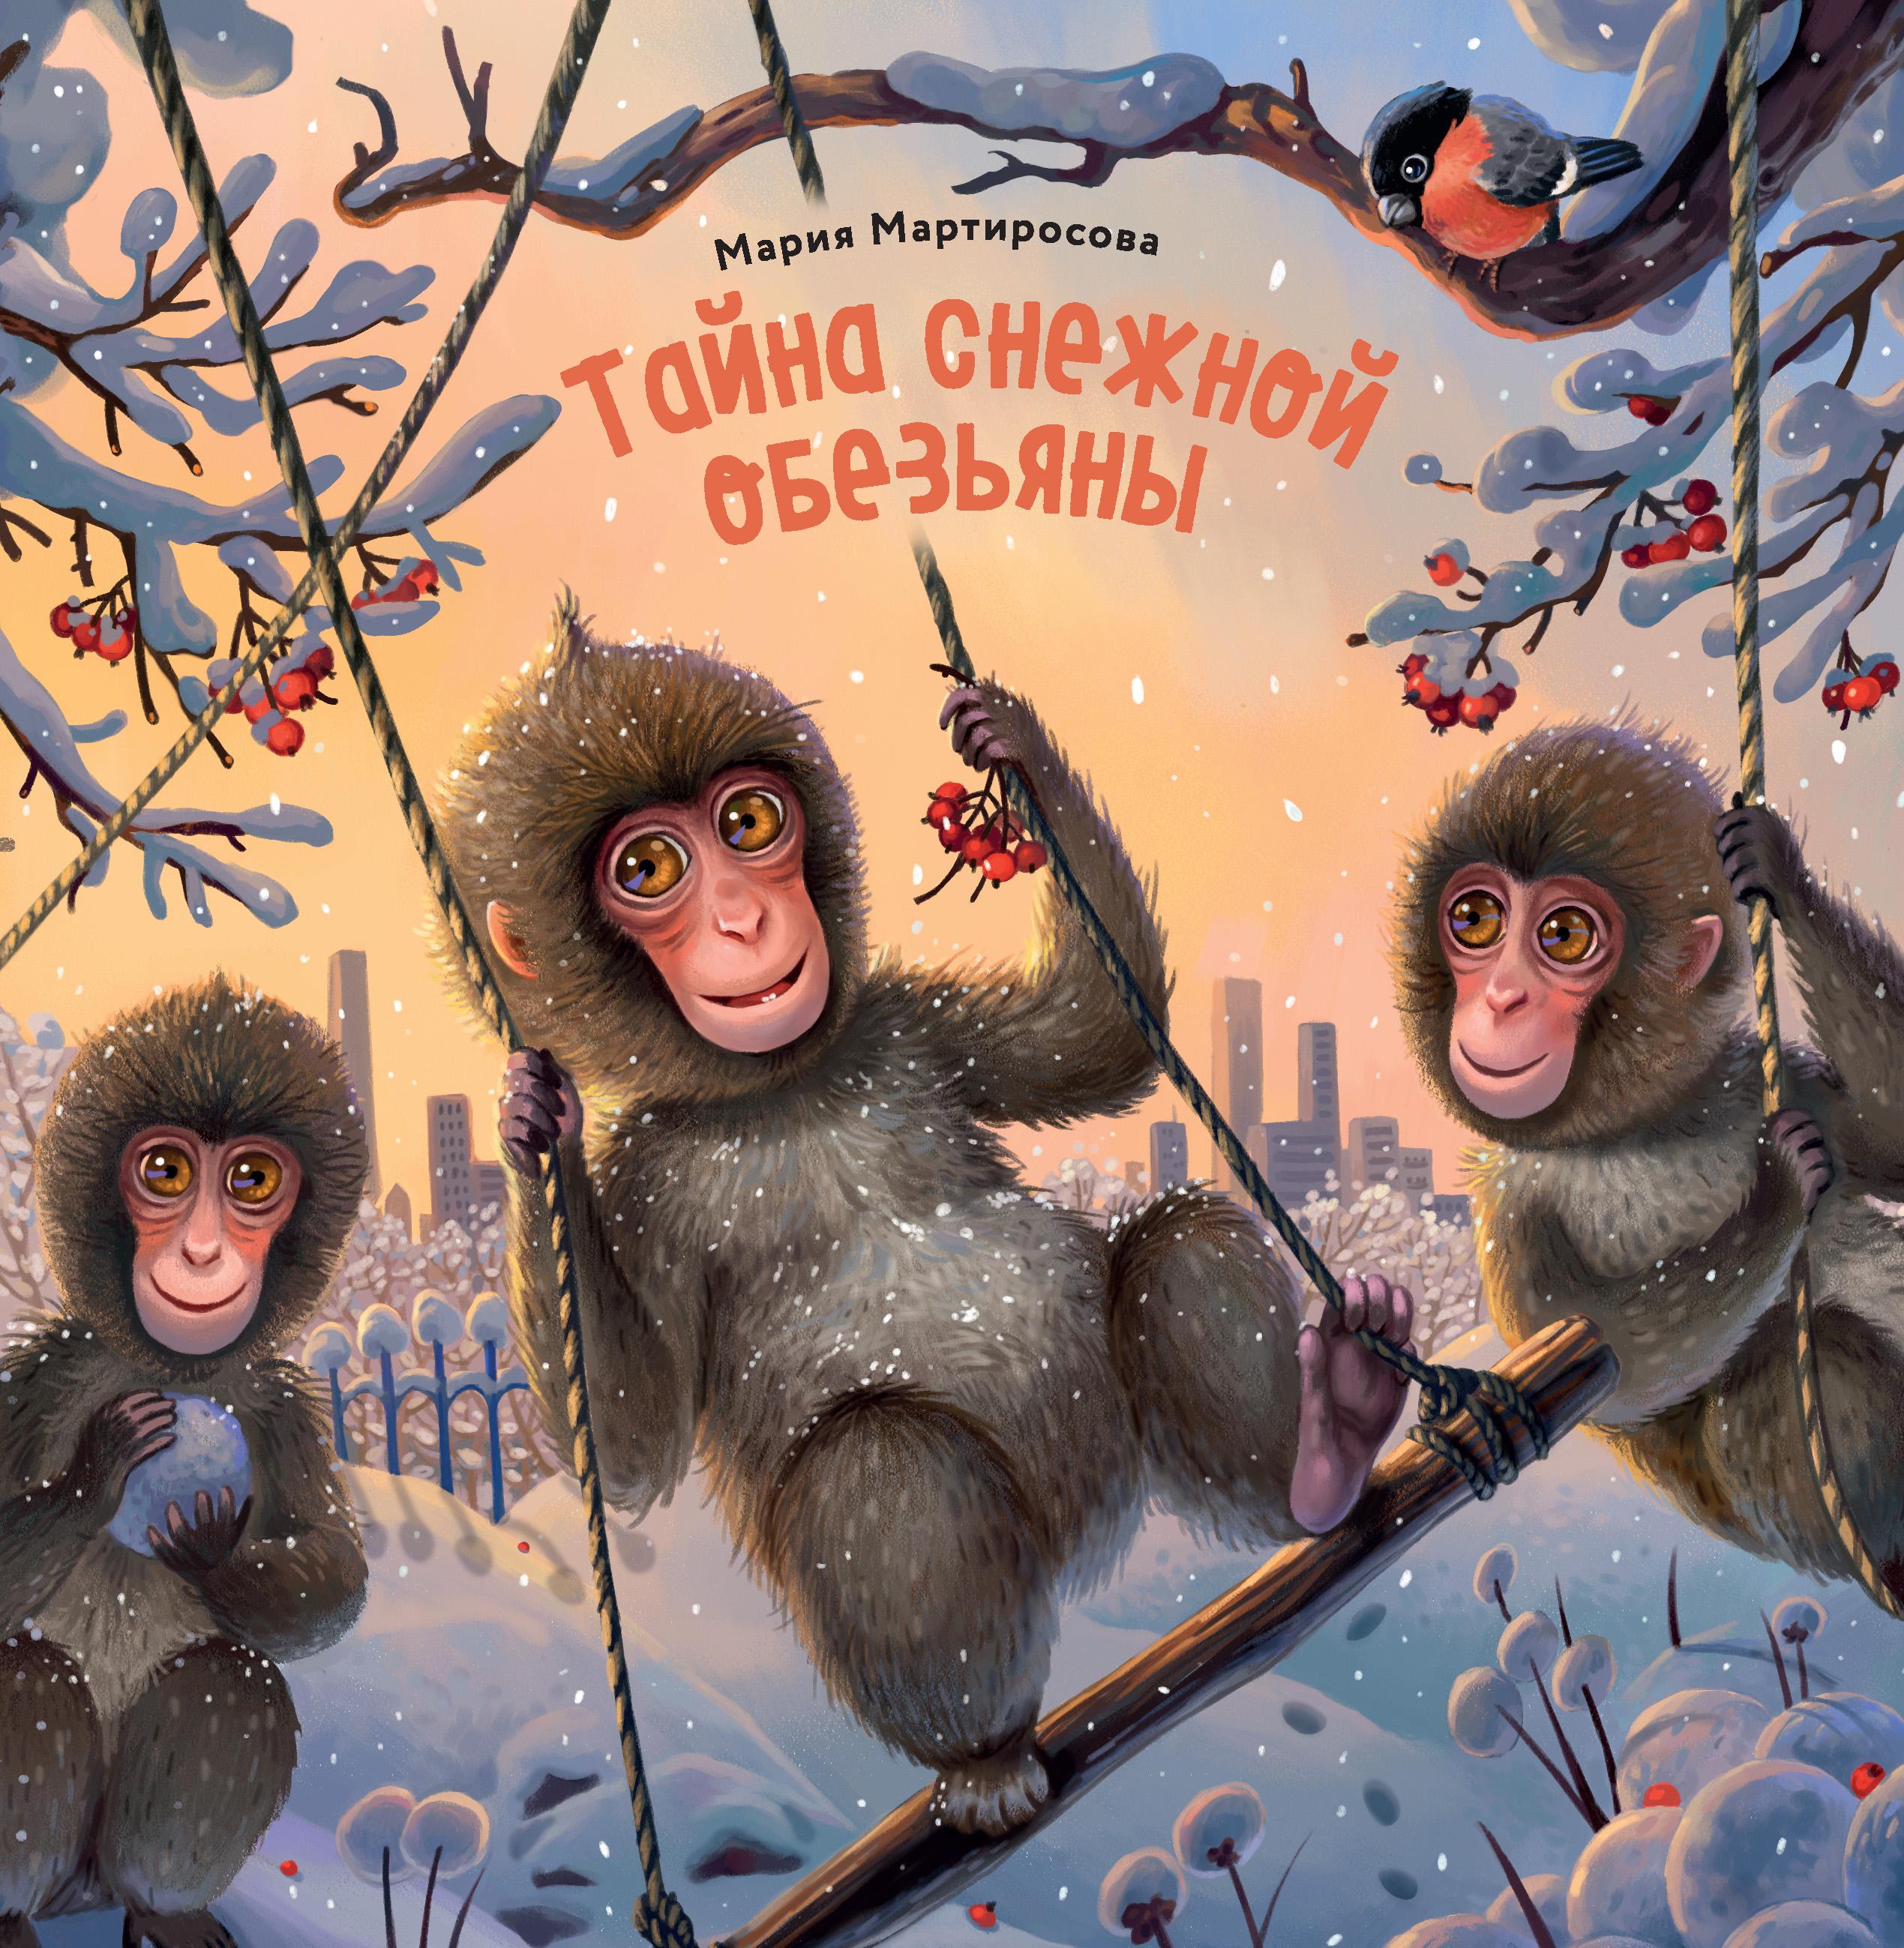 Тайна снежной обезьяны